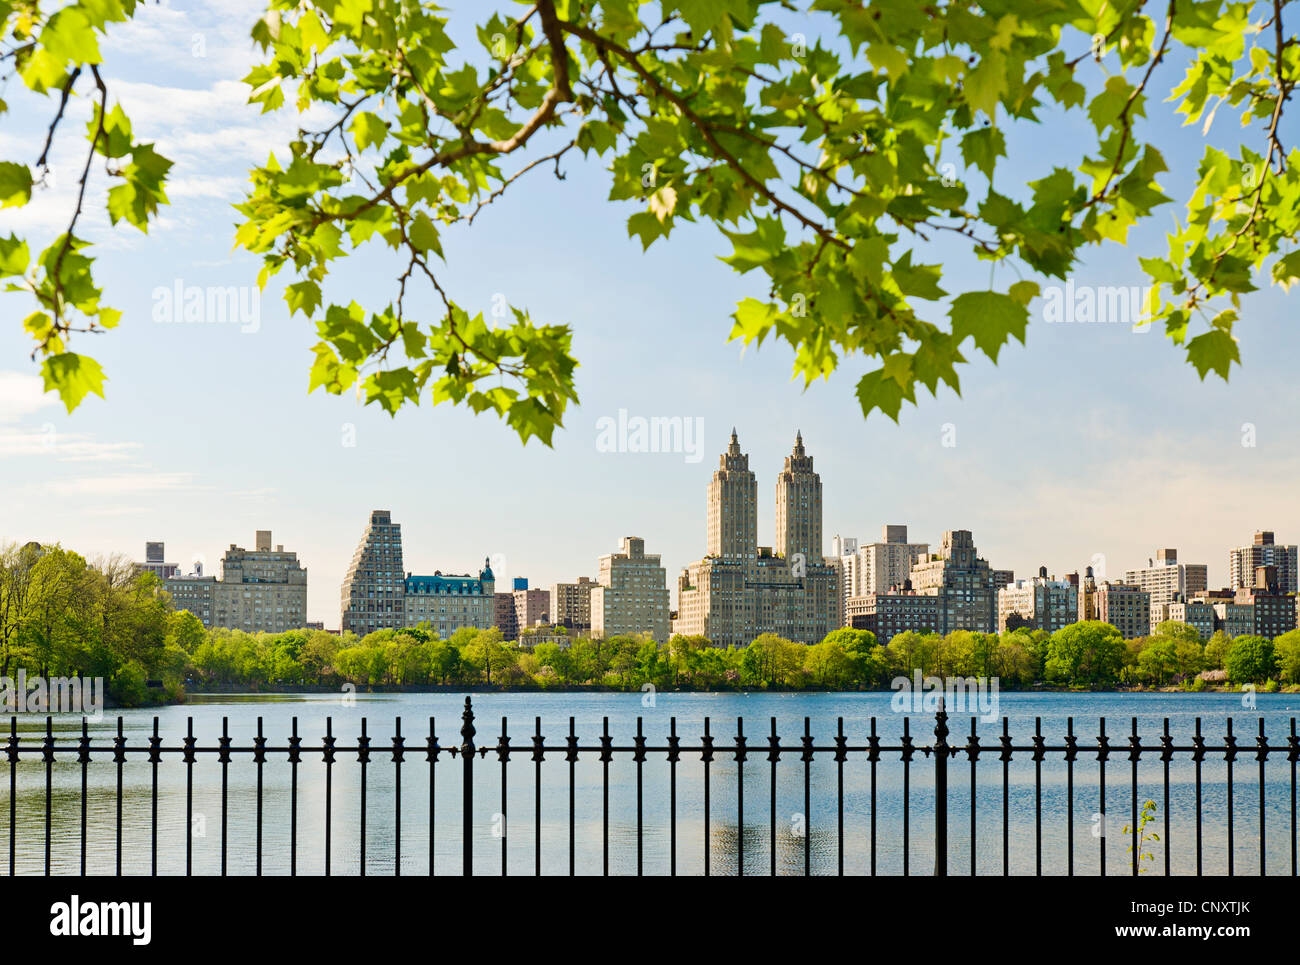 Le Jacqeuline Kennedy Onassis Reservoir, Central Park, New York City dans la saison du printemps. Photo Stock